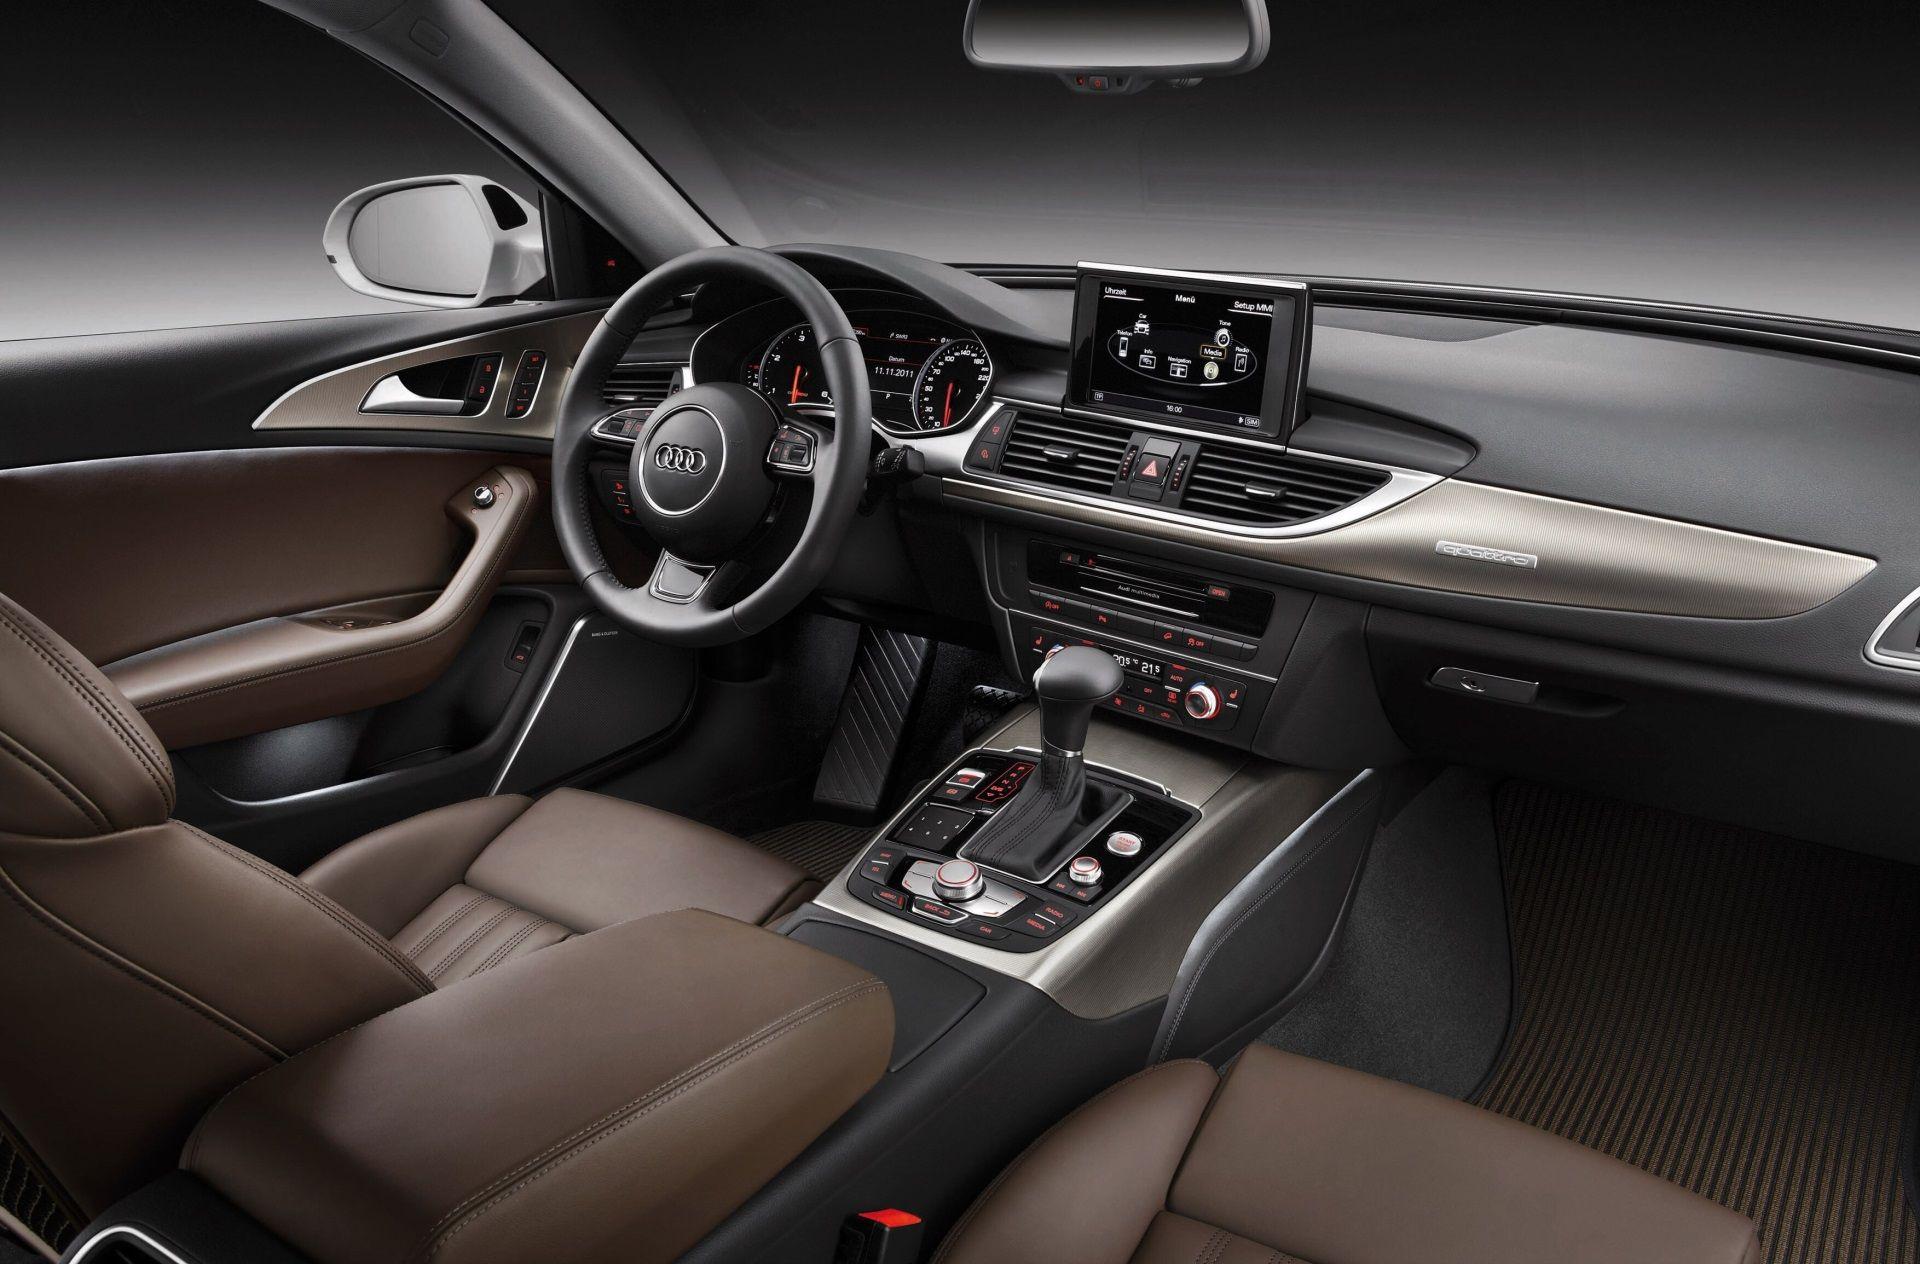 Kelebihan Kekurangan Audi A6 Allroad 2017 Spesifikasi